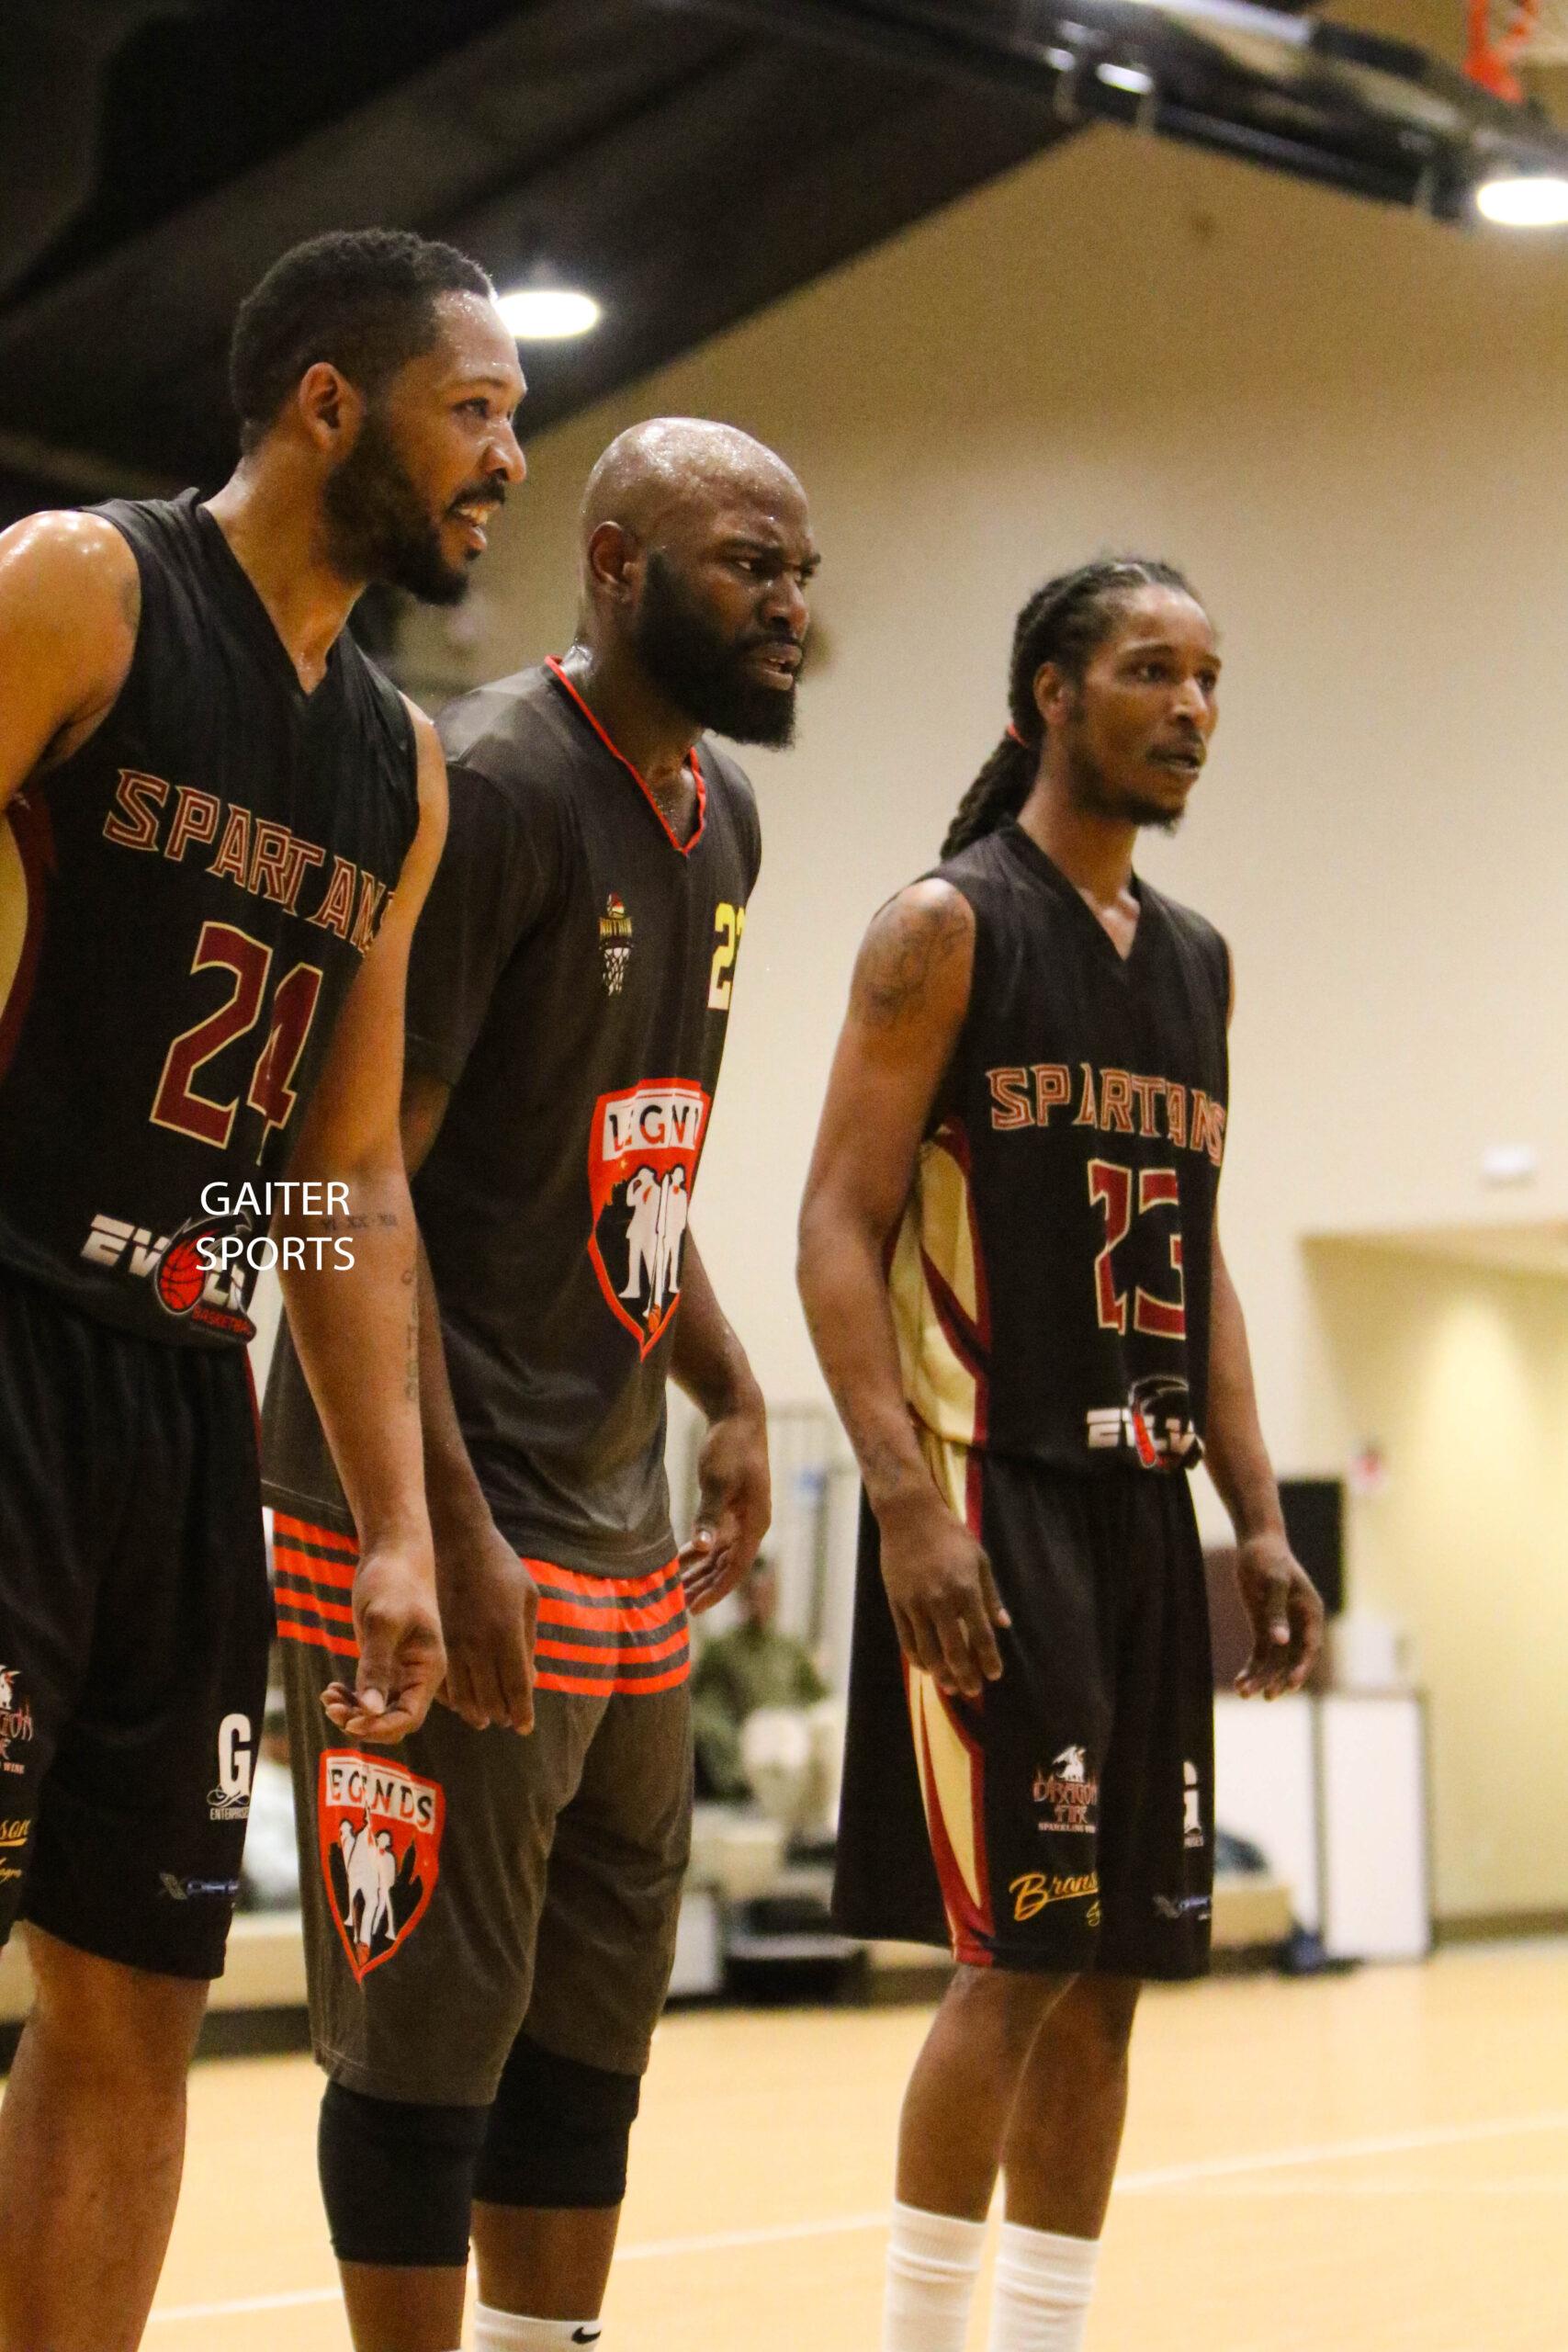 Georgia Spartans 2020 Team Photo 234 1